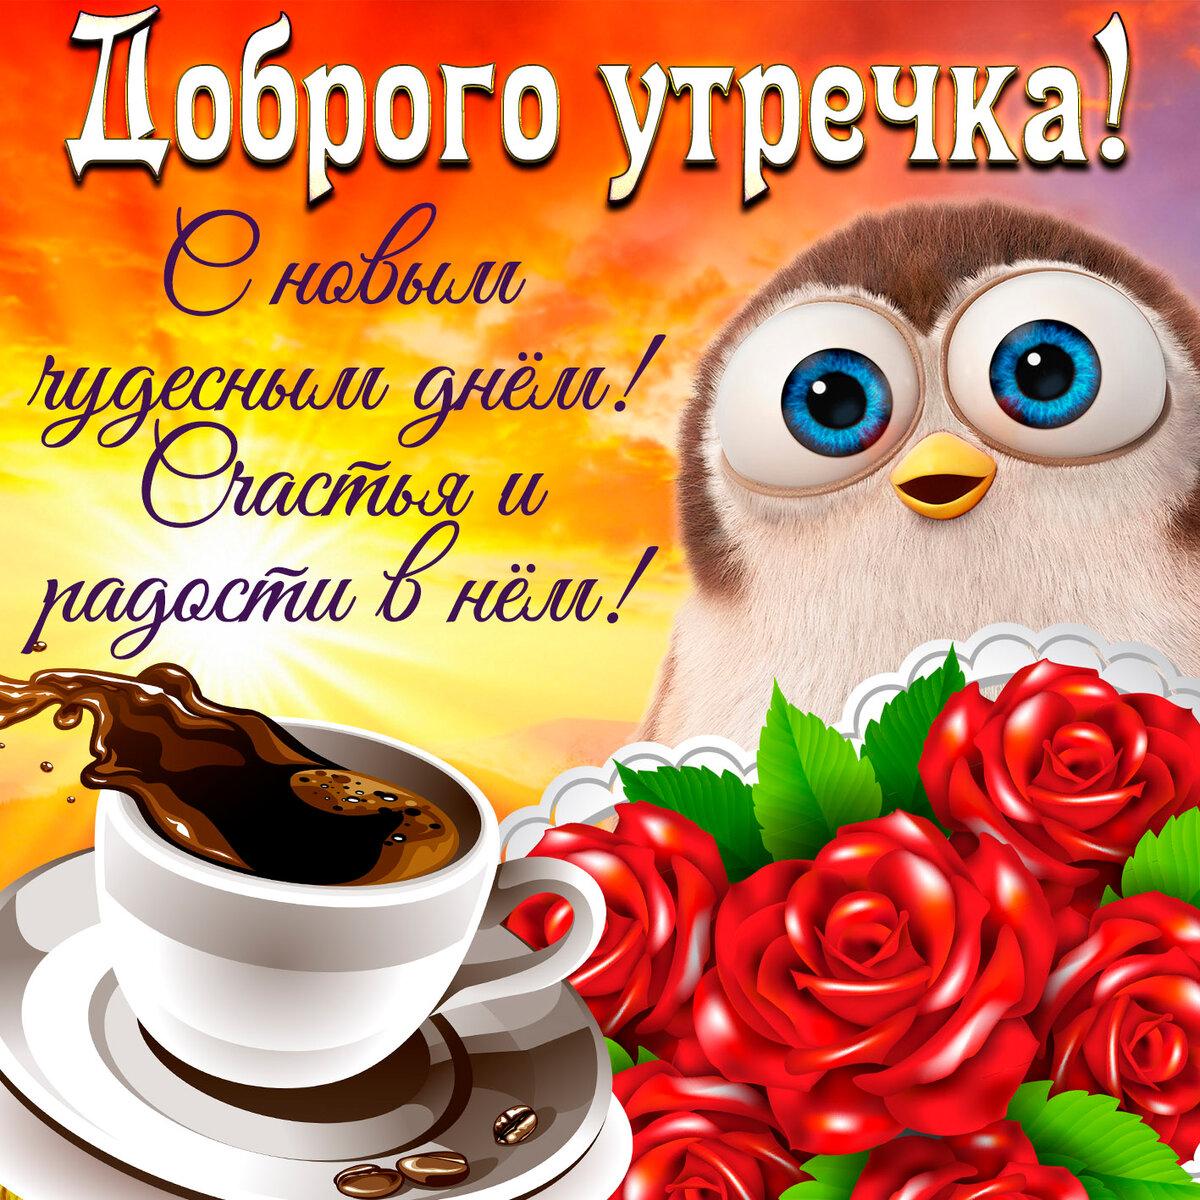 Открытки с добрым утром для друзей с красивыми пожеланиями для ватсап, фиолетовый фон фото